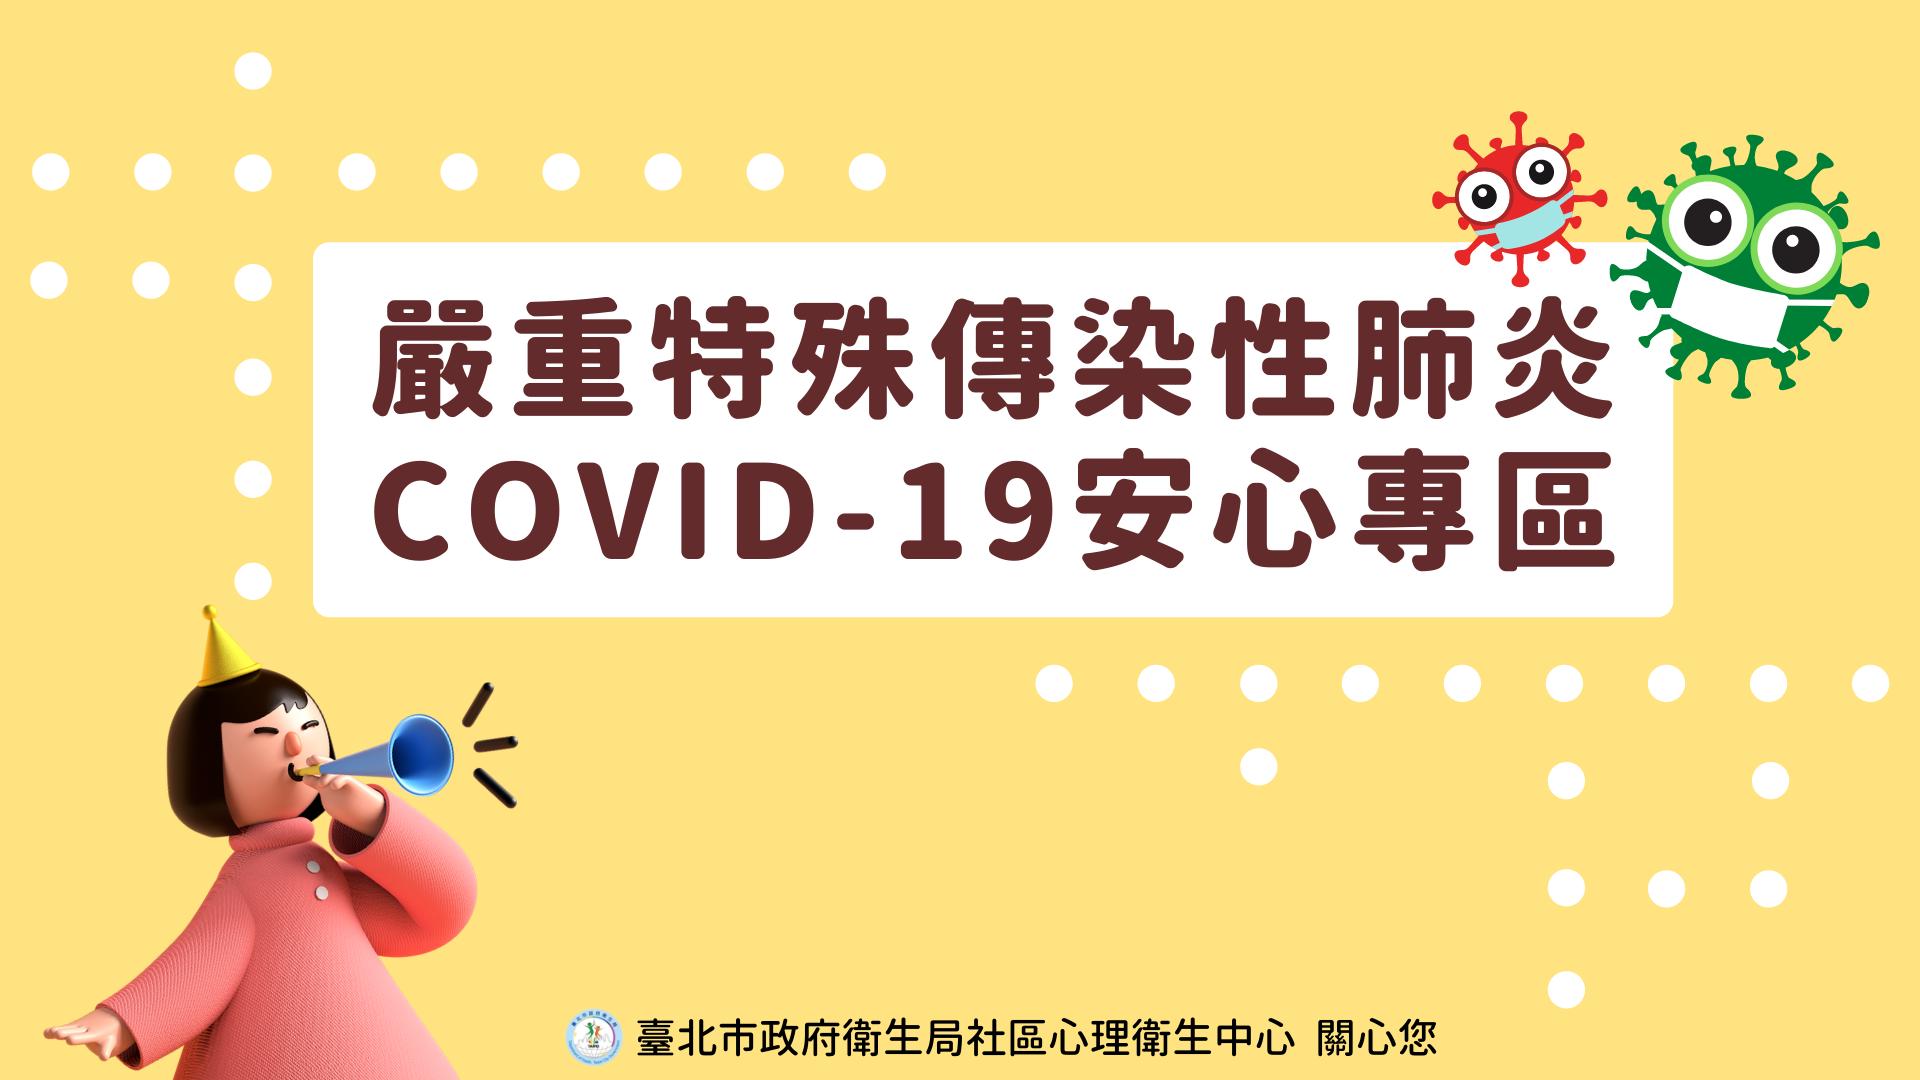 嚴重特殊傳染性肺炎COVID-19安心專區